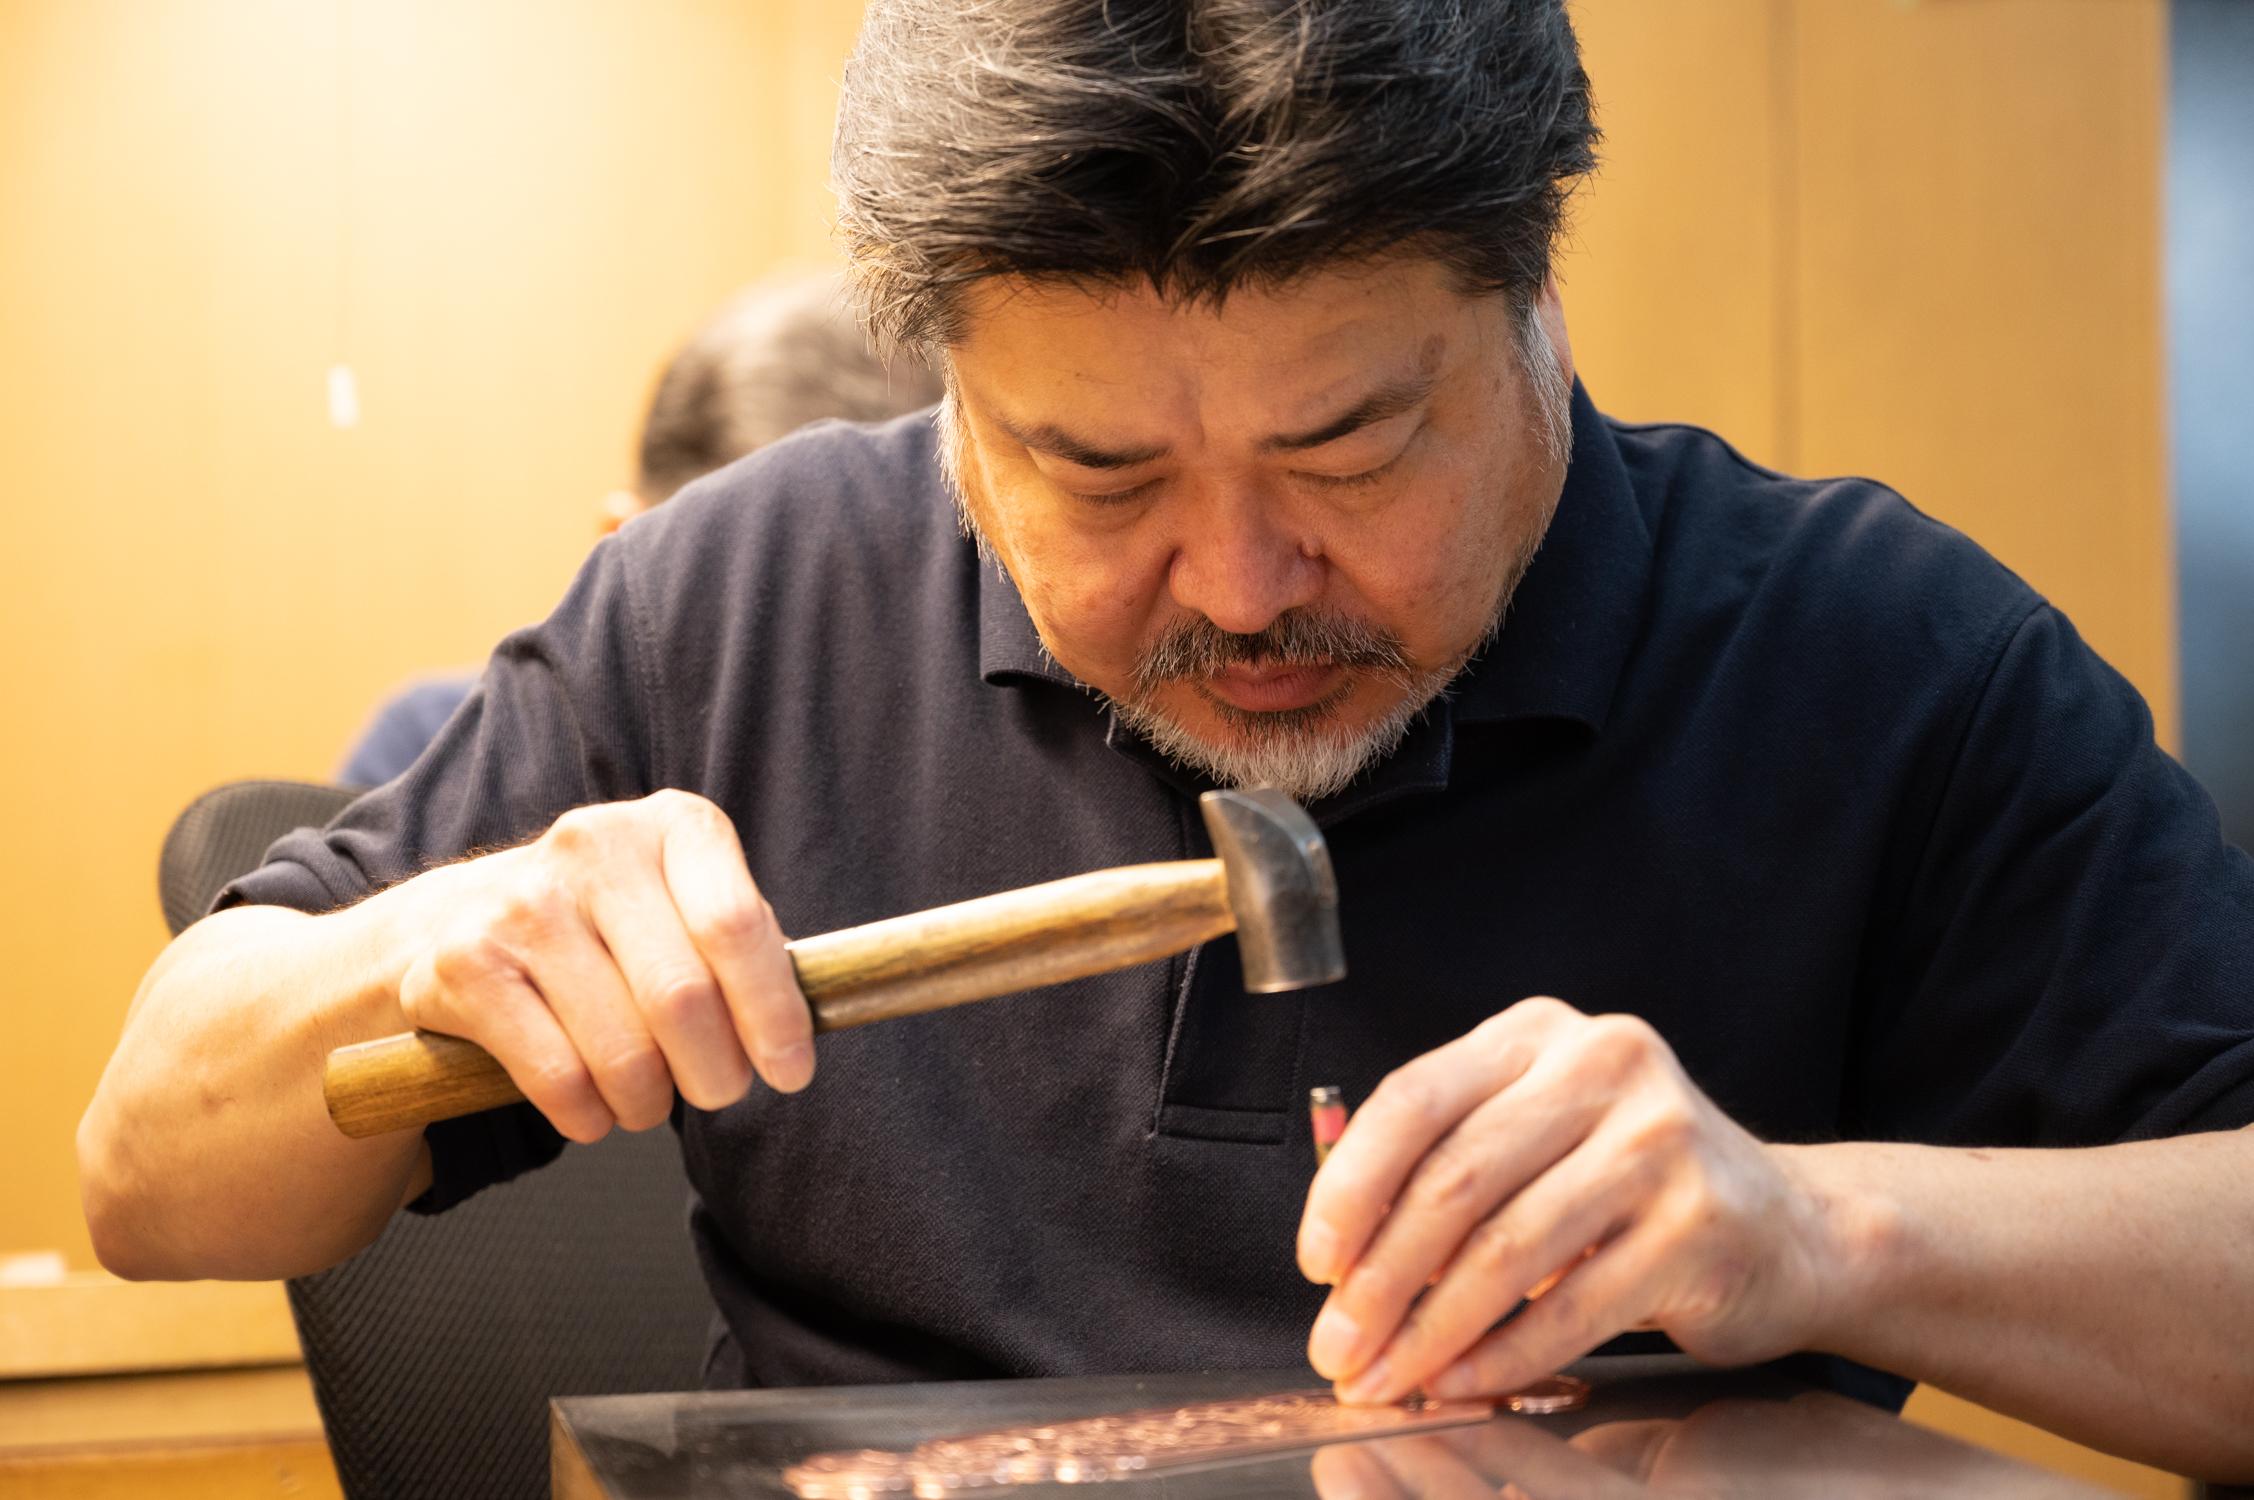 寺のまち大須で仏具を見よう!職人の技術を活用した小物づくり体験